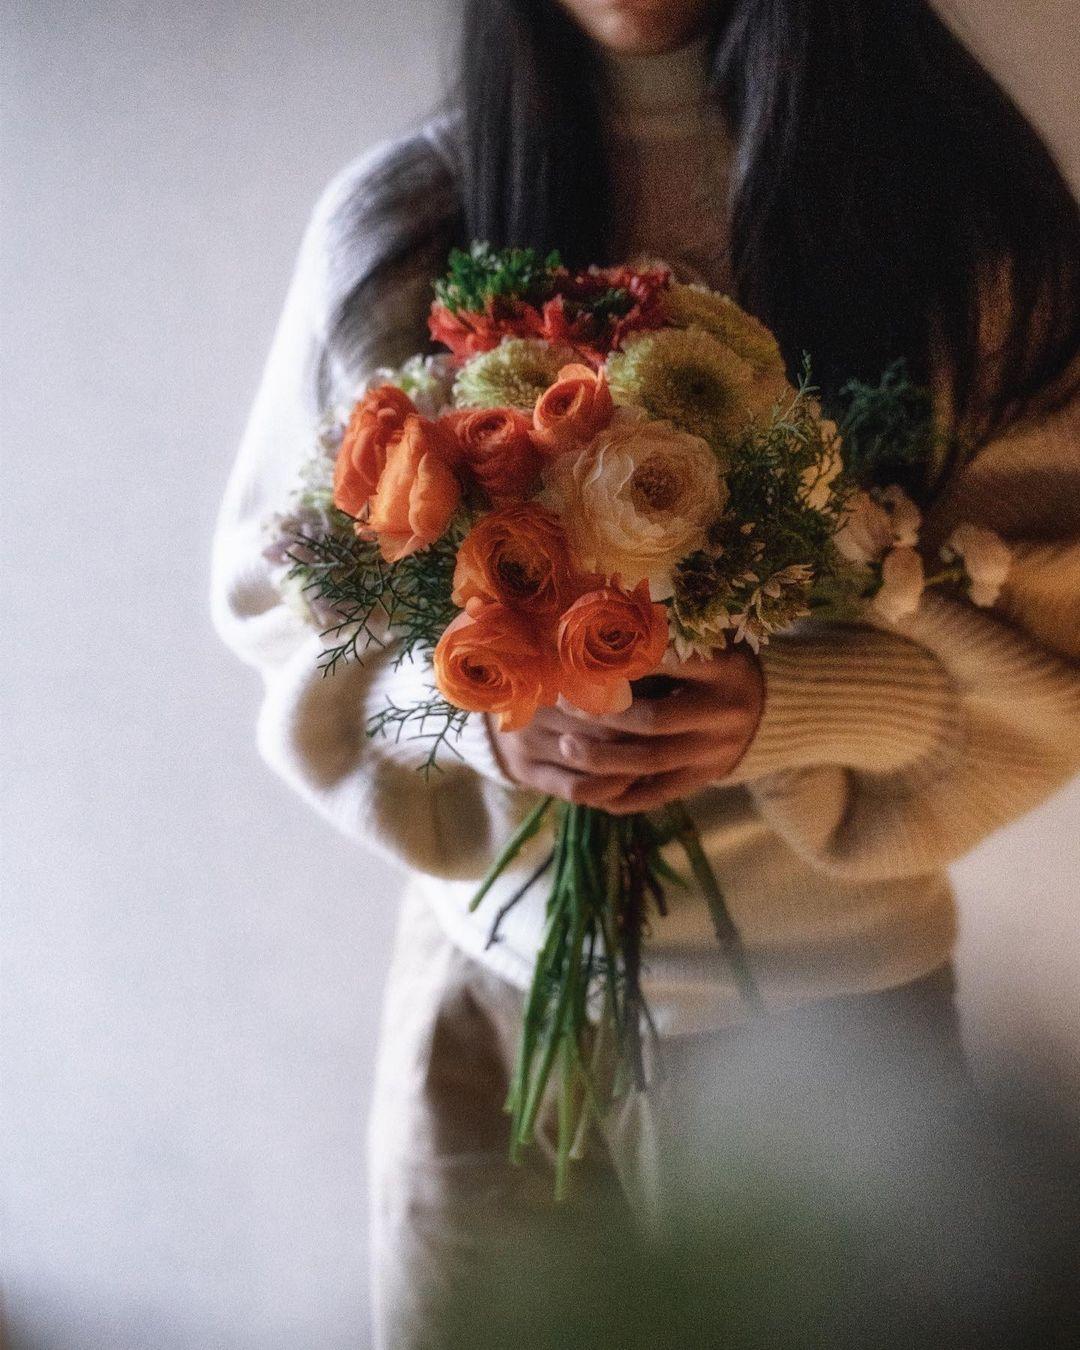 """𝑀𝓎 𝒻𝓁𝑜𝓇𝒶𝓁 𝒶𝒻𝒻𝒶𝒾𝓇 """"La vita è un mazzo di fiori rossi."""" _ PIERRE-AUGUSTE RENOIR"""